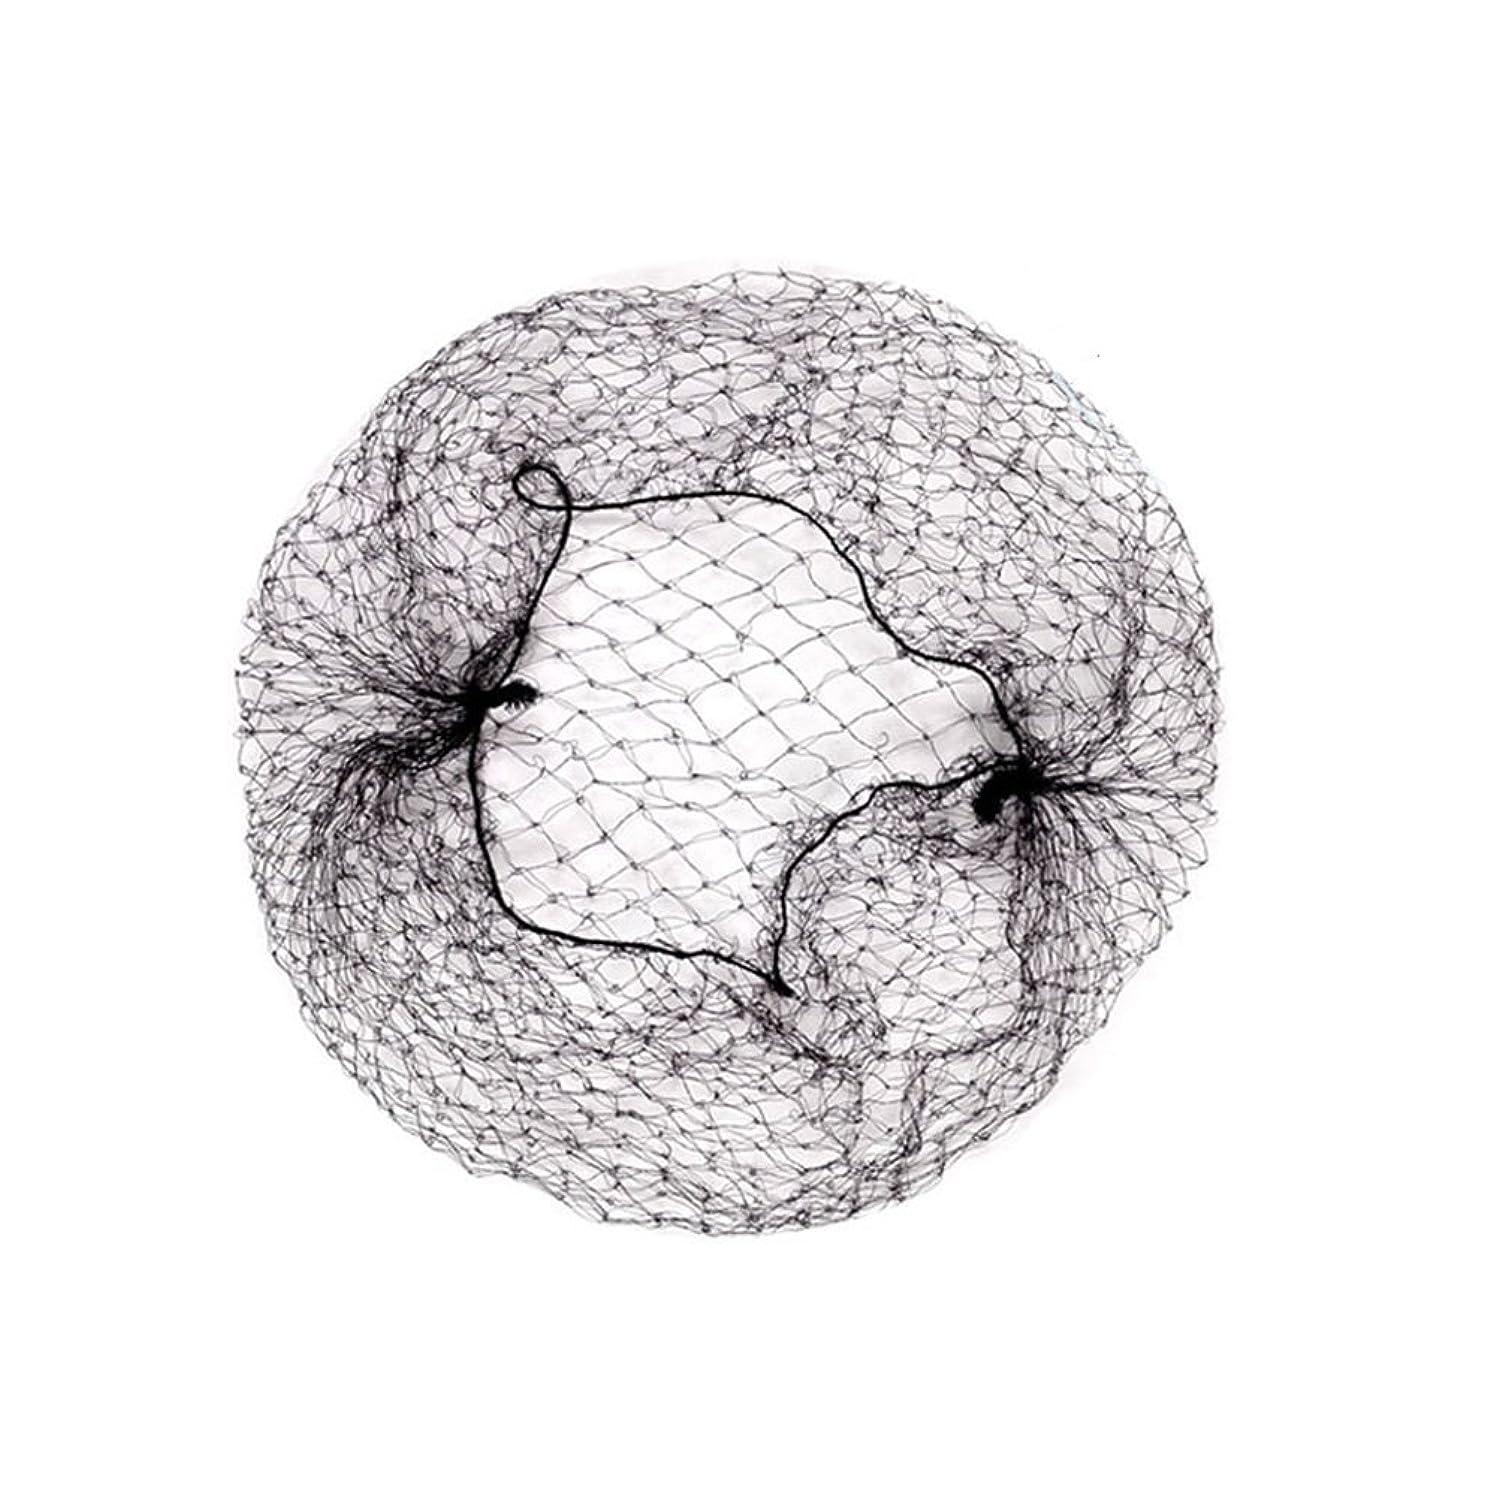 神秘的な空港キャロライン髪束ねネットセット(アシアナネット) ファッション小物 60枚セット